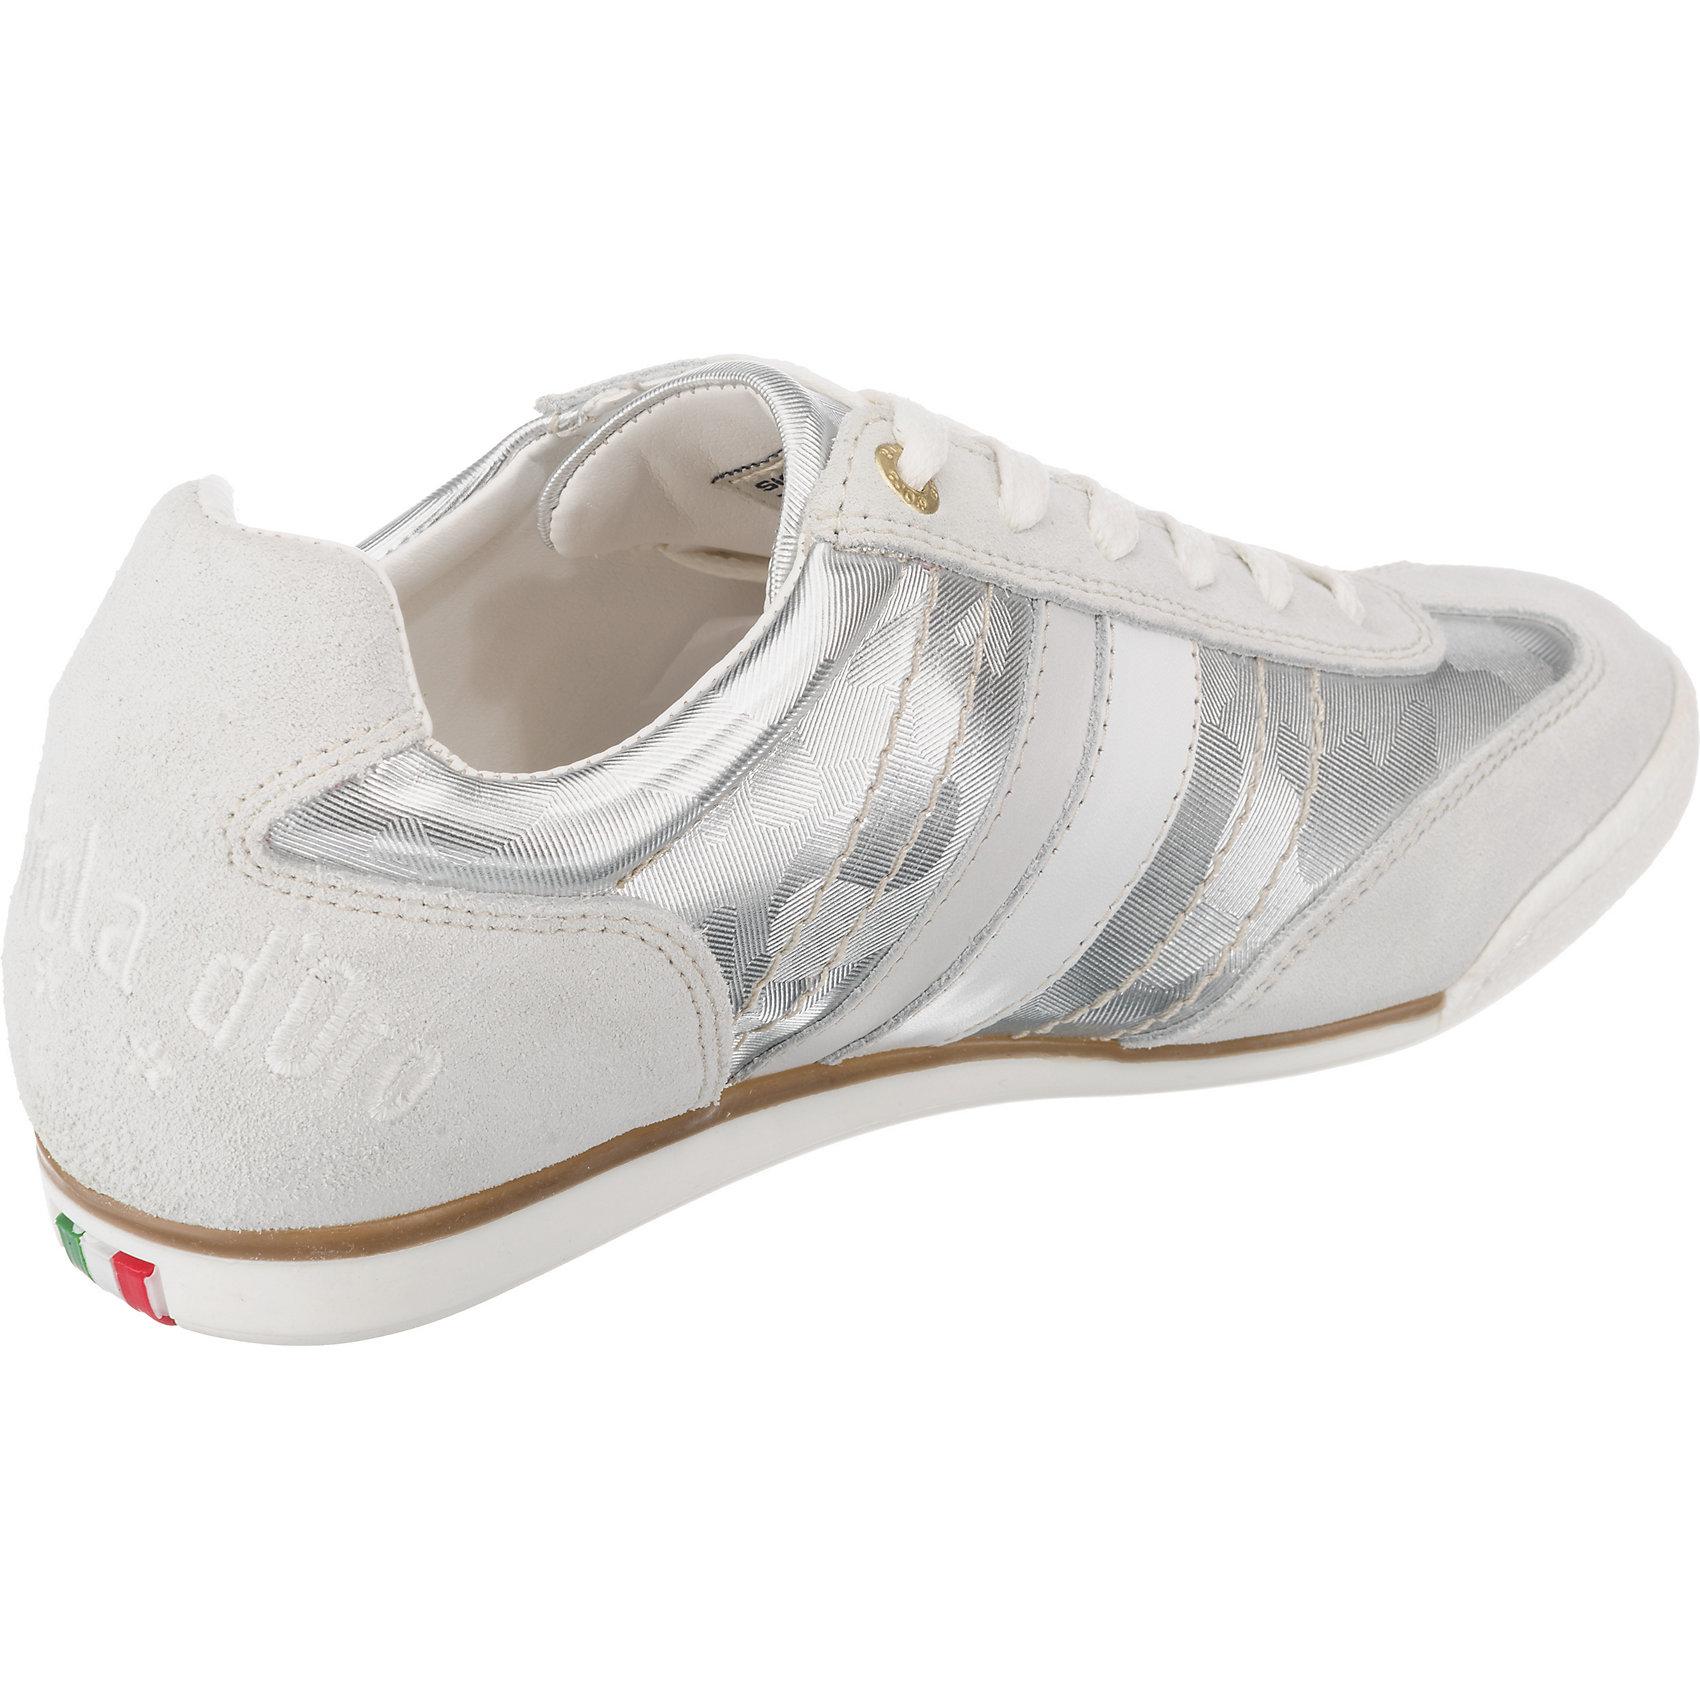 low cost 63296 925e1 ... Mens Nike SF AF1 QS 903270-778 Desert Desert Desert Ochre Brand New  Size 10 ...